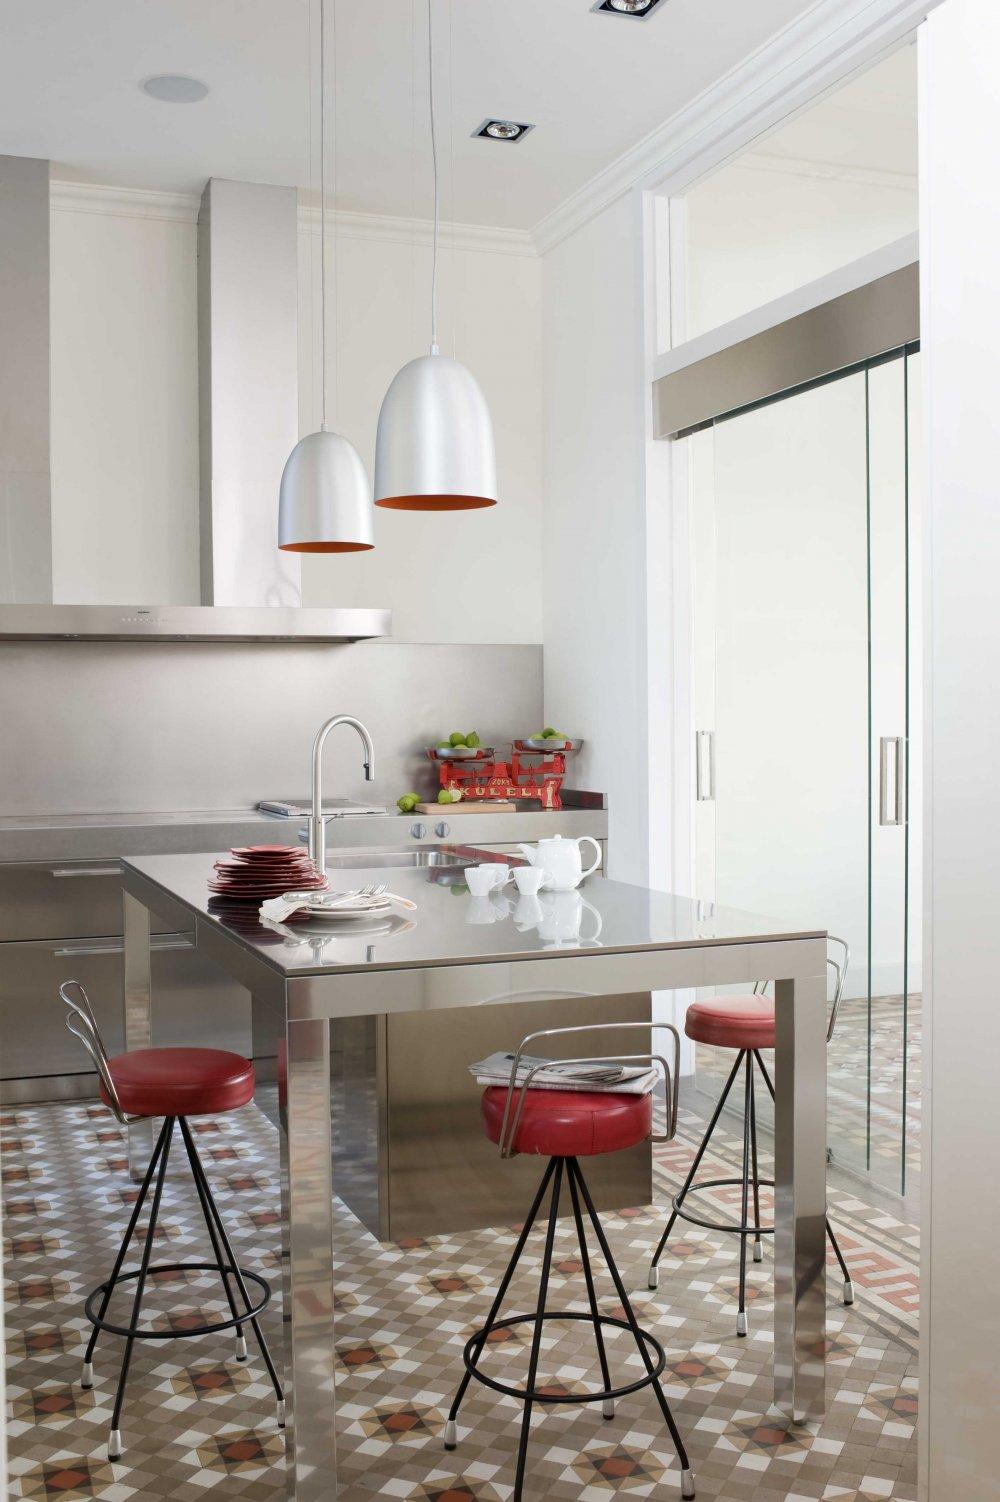 Living in designland interior cocina acero en entorno modernista - Azulejos antiguos para cocina ...